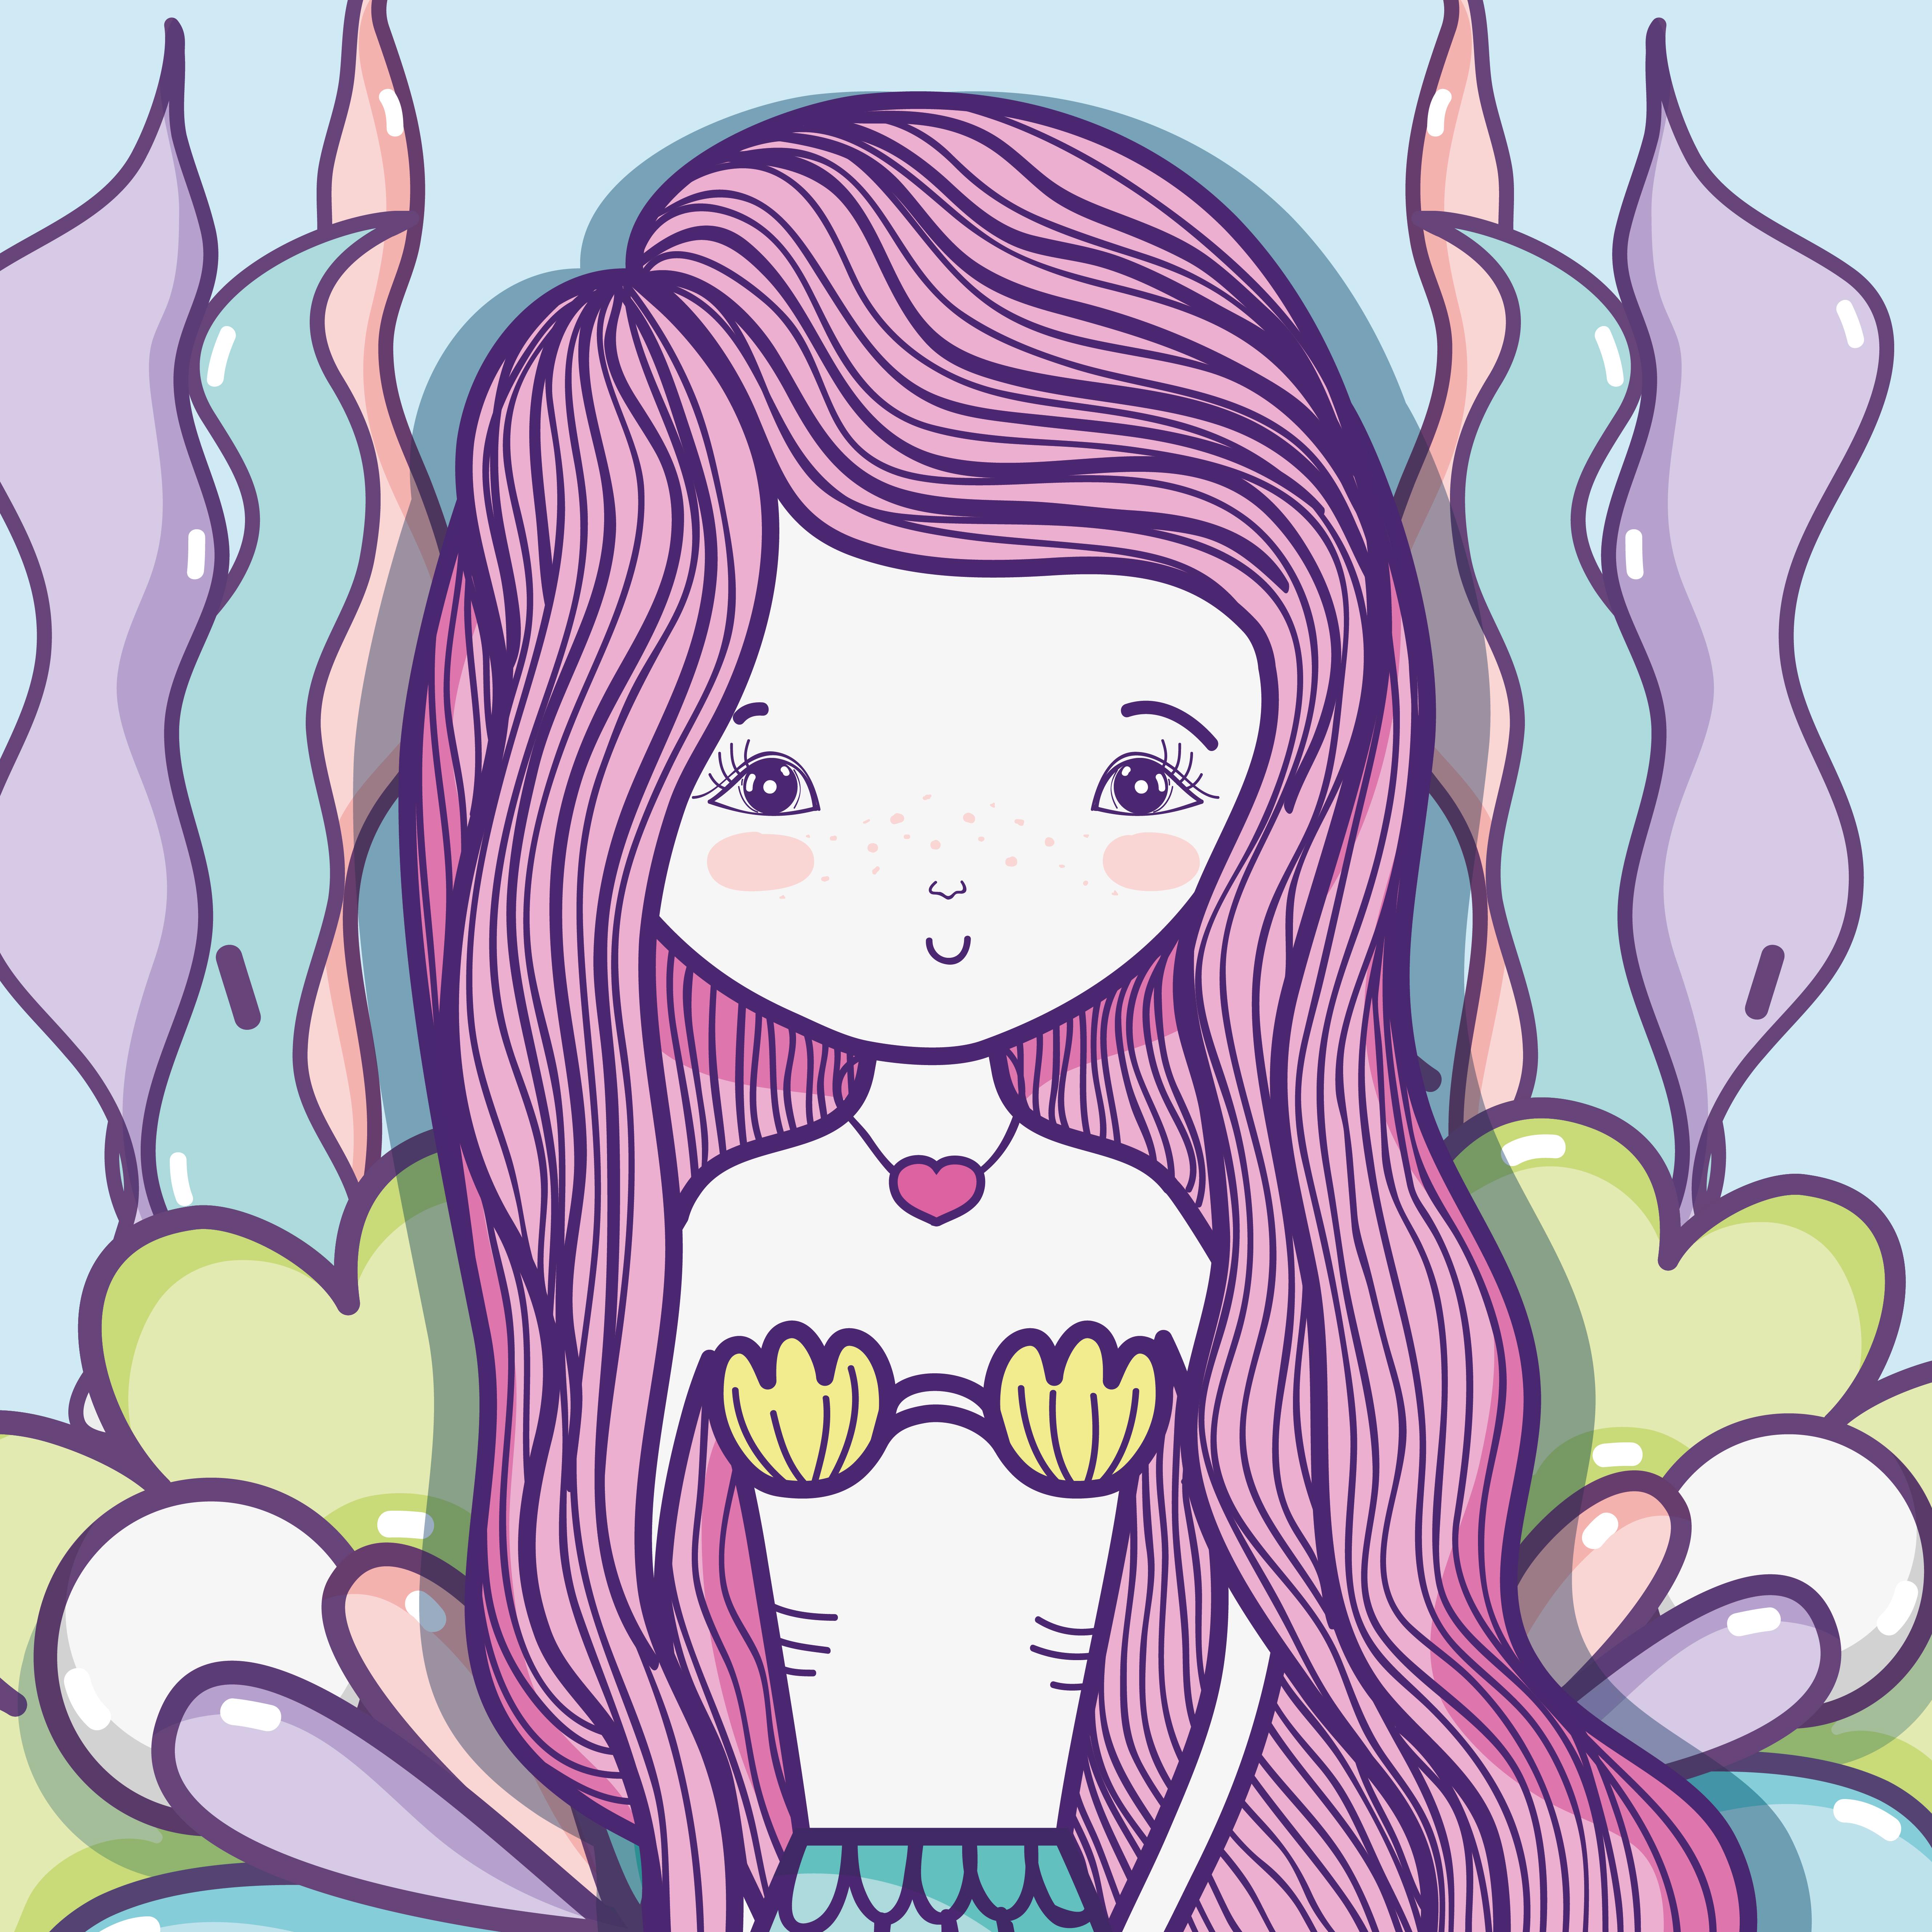 美人魚卡通 免費下載   天天瘋後製